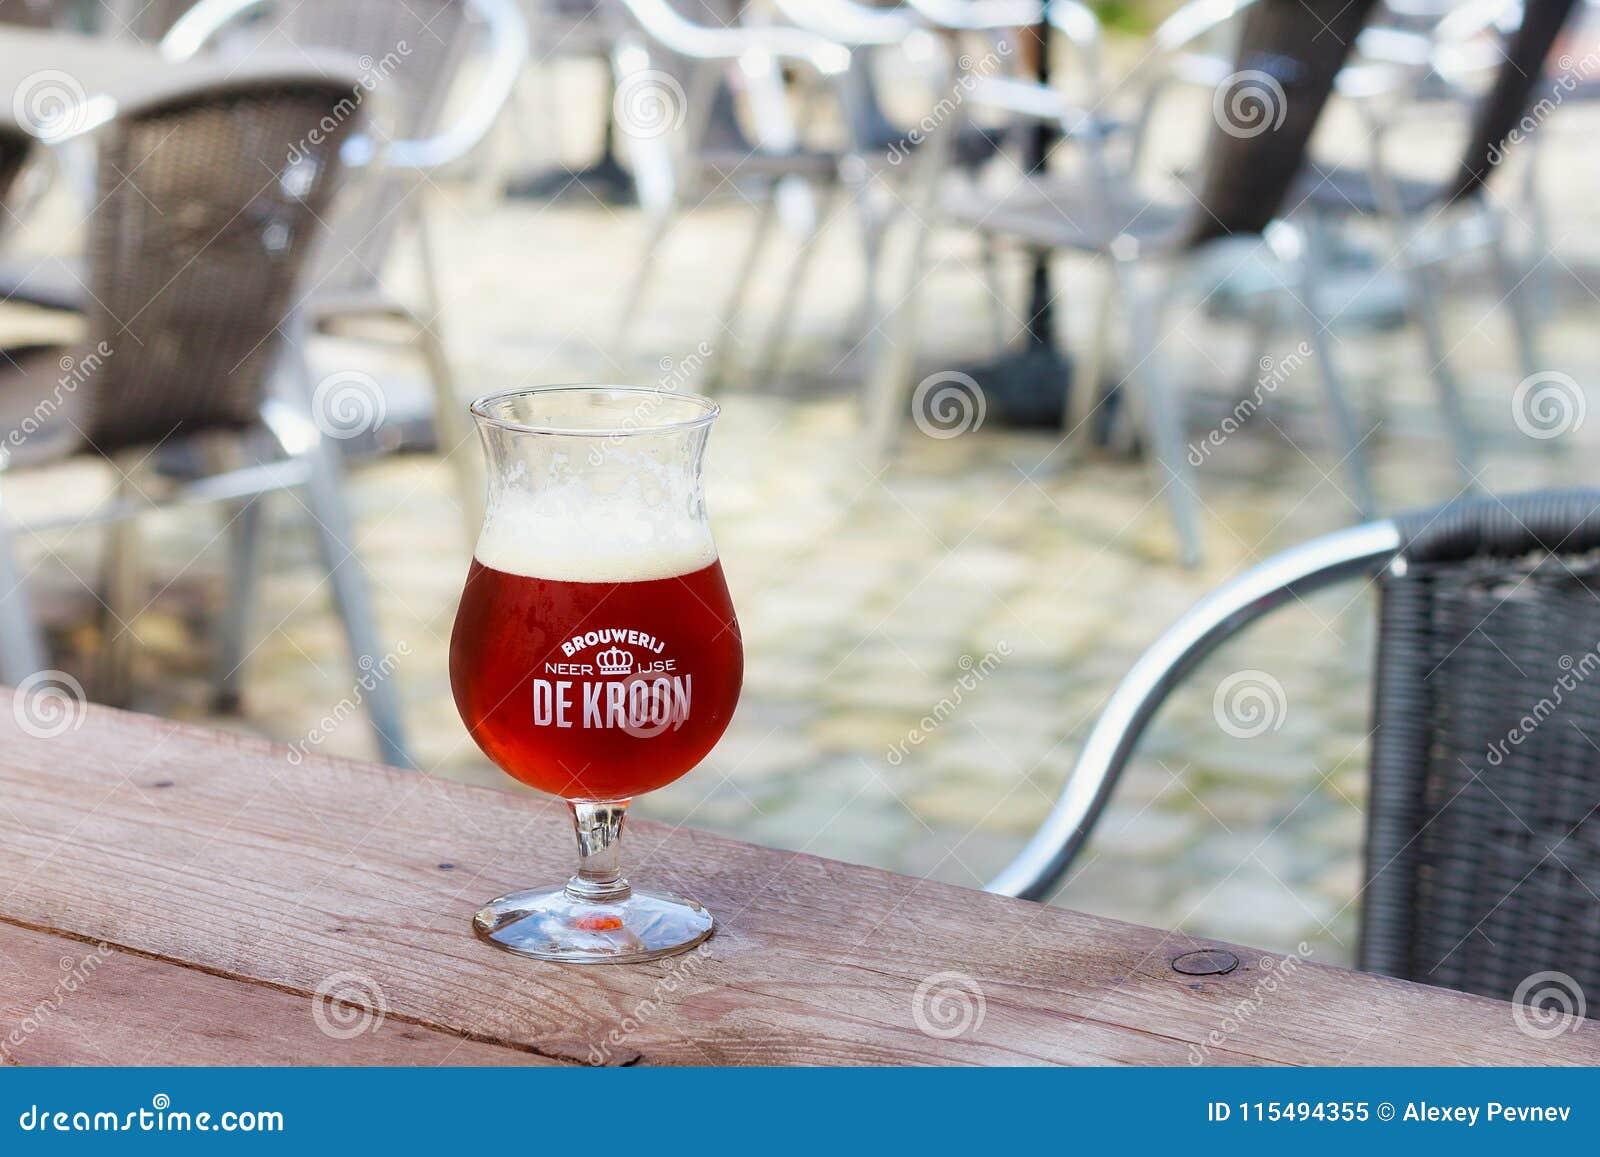 NEERIJSE, BELGIUM - SEPTEMBER 05, 2014: Tasting original beer of